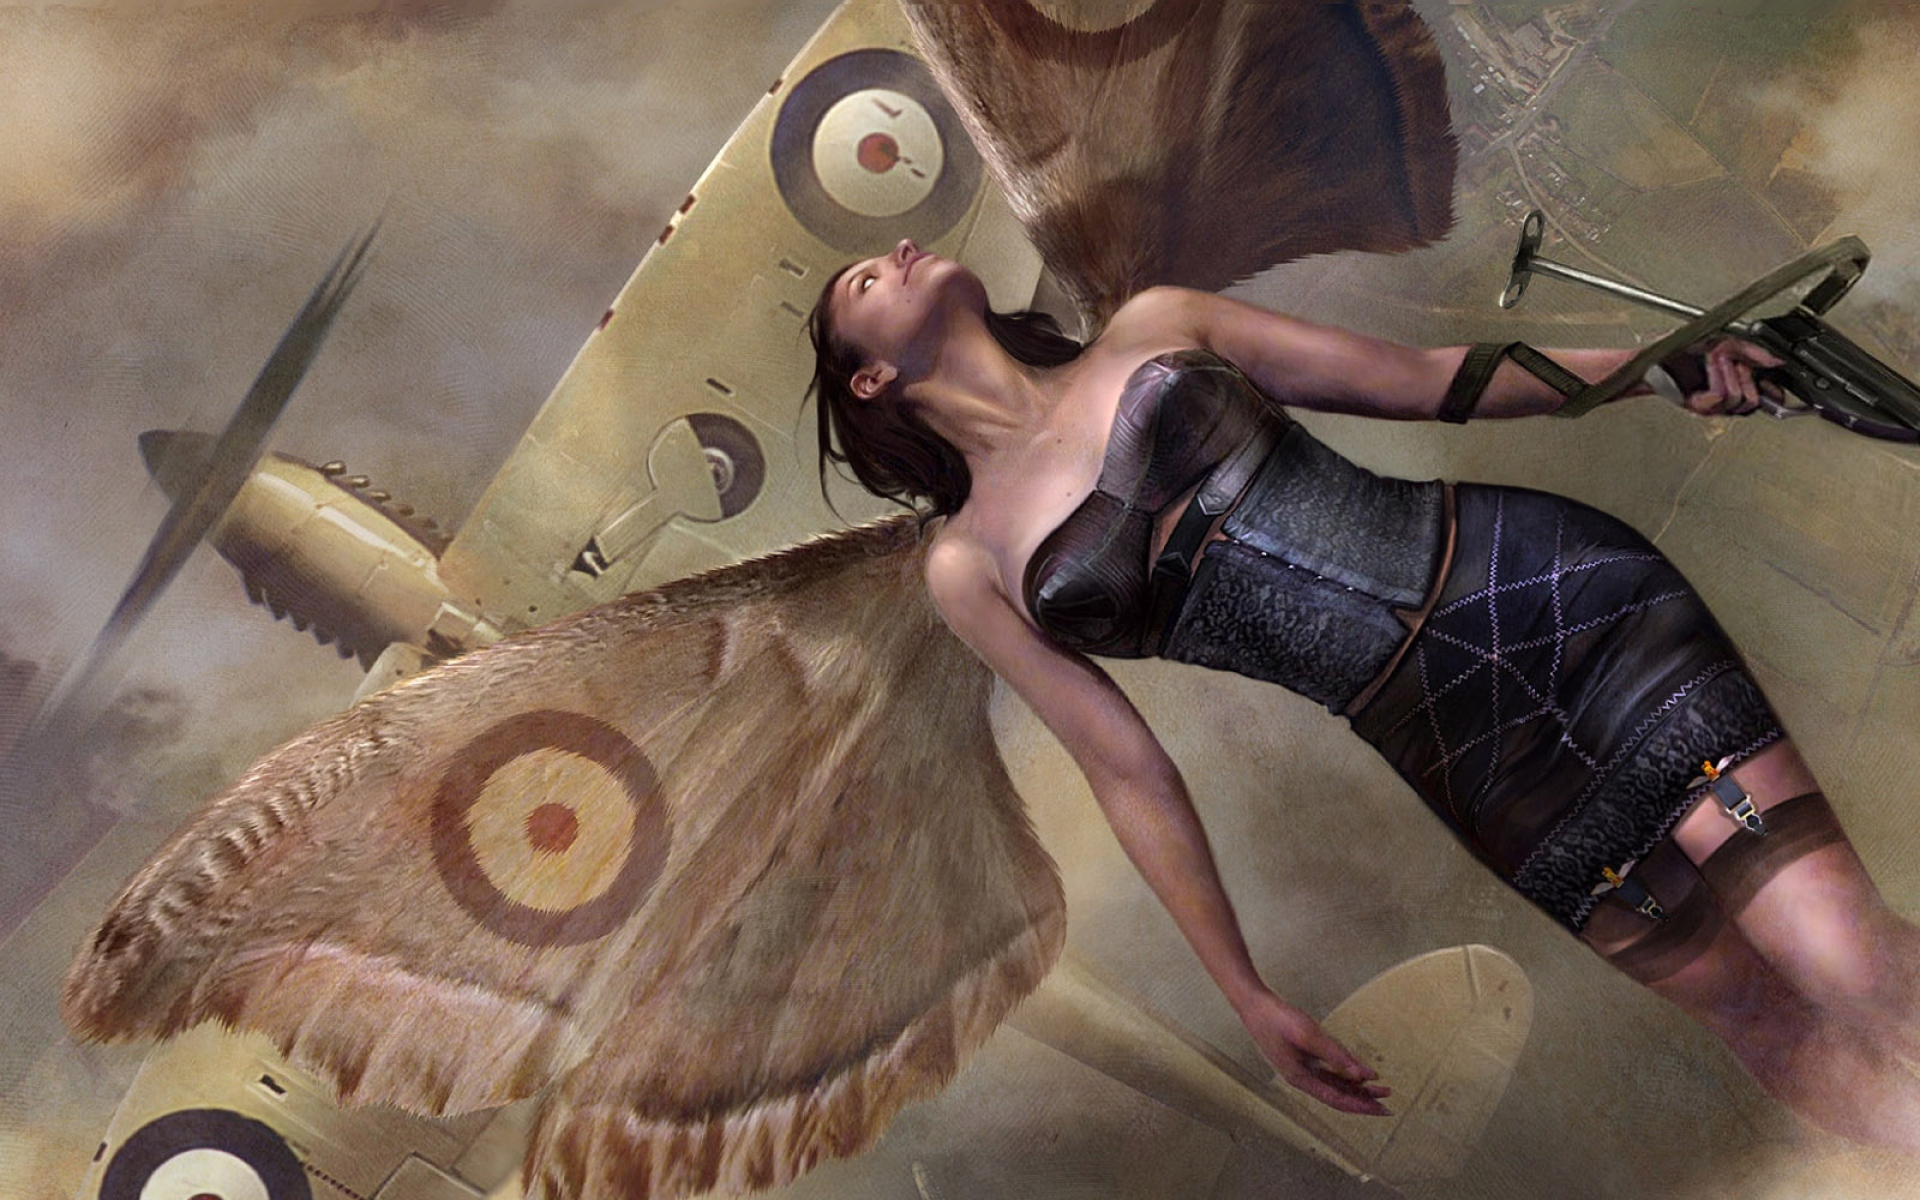 Картинки Девушка, крылья, самолет, оружие фото и обои на рабочий стол